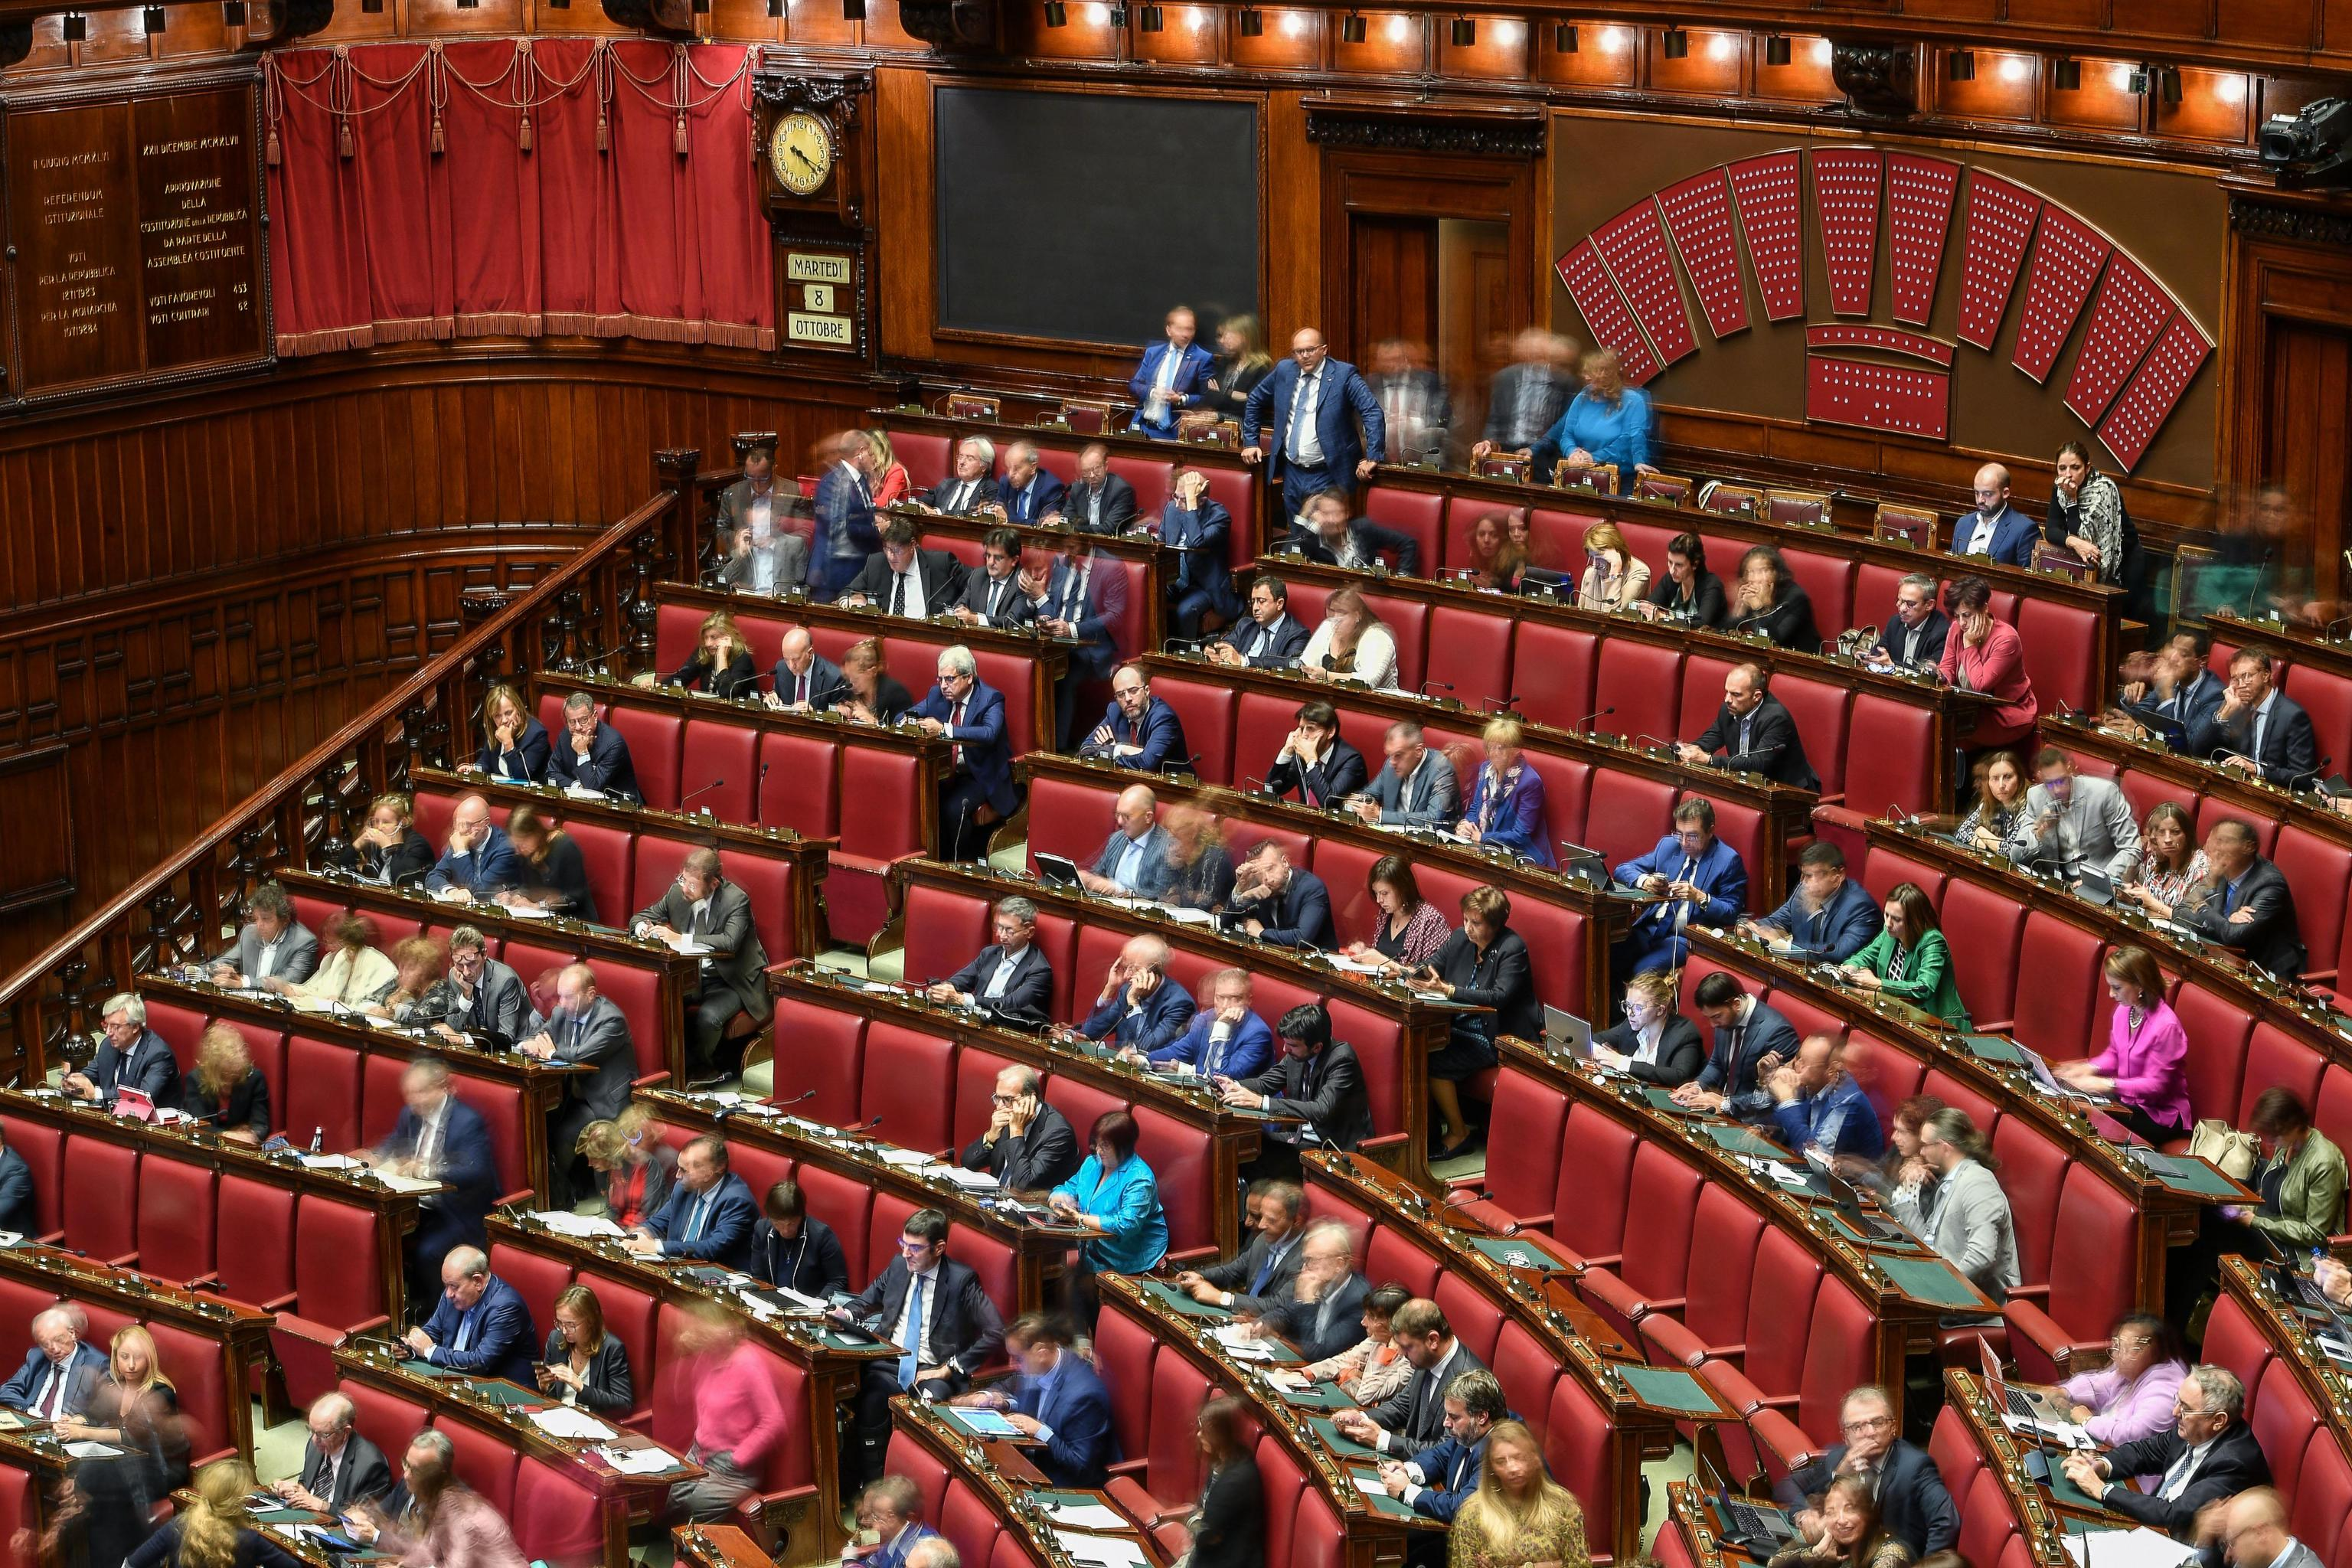 Il taglio dei parlamentari legge via libera della for Numero deputati